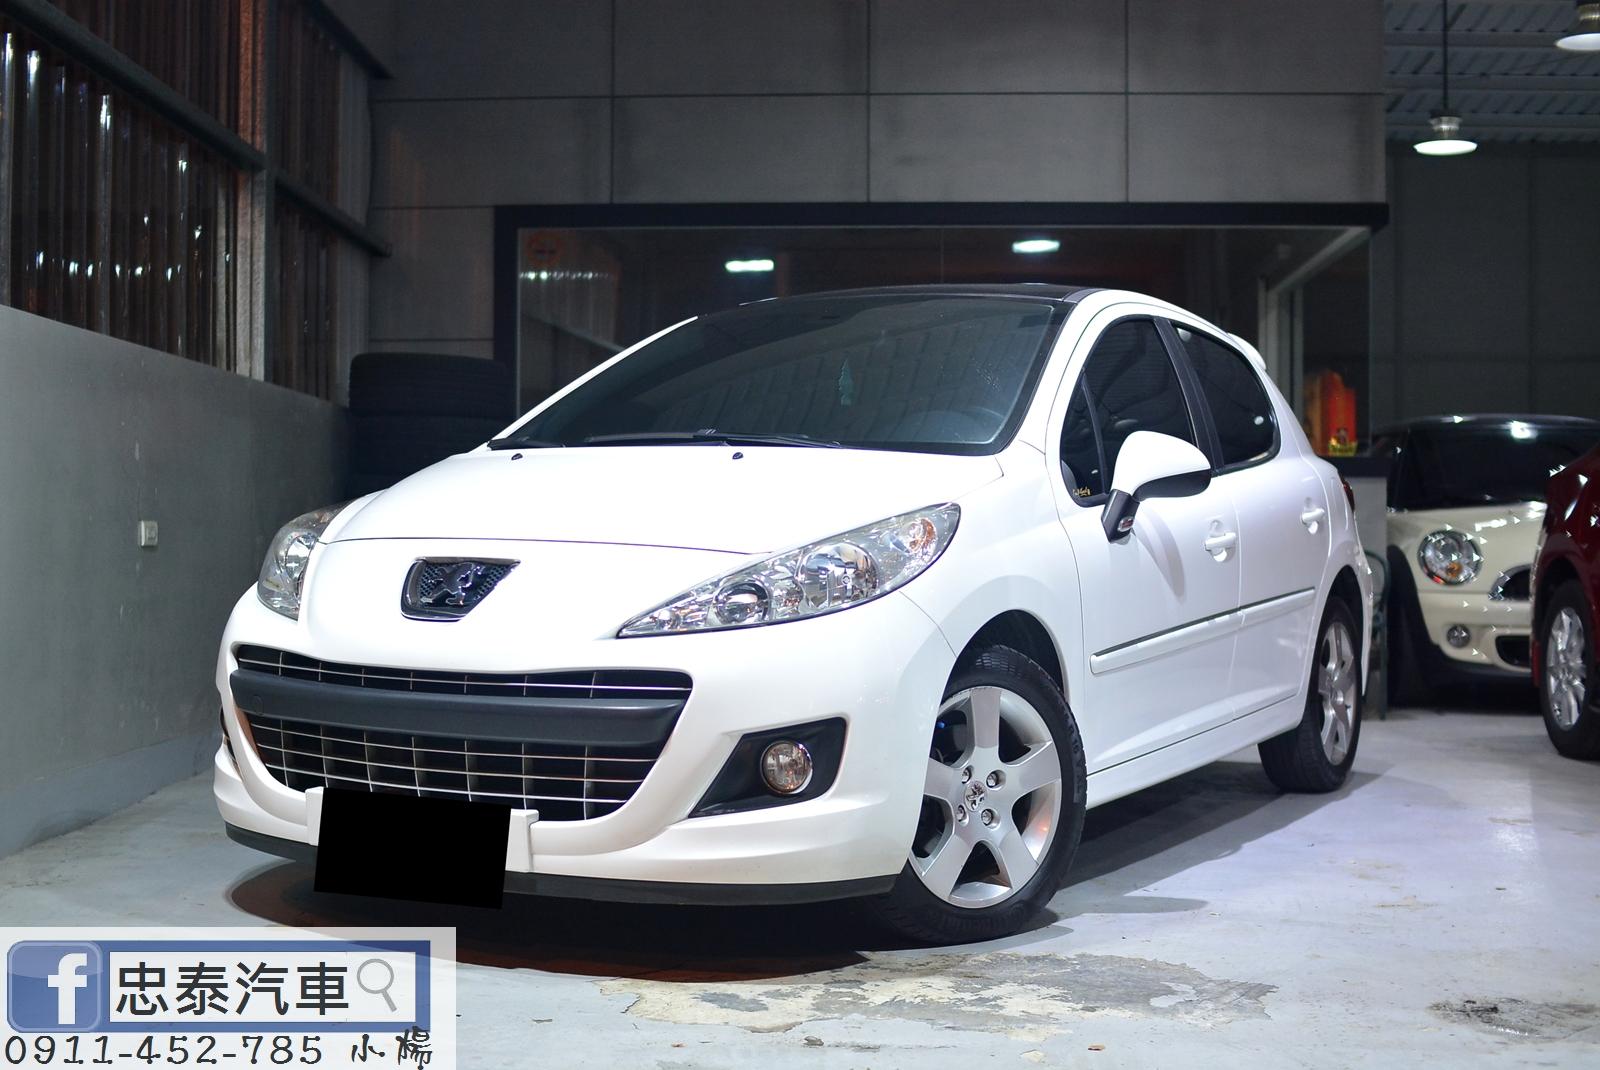 2012 Peugeot 寶獅 207